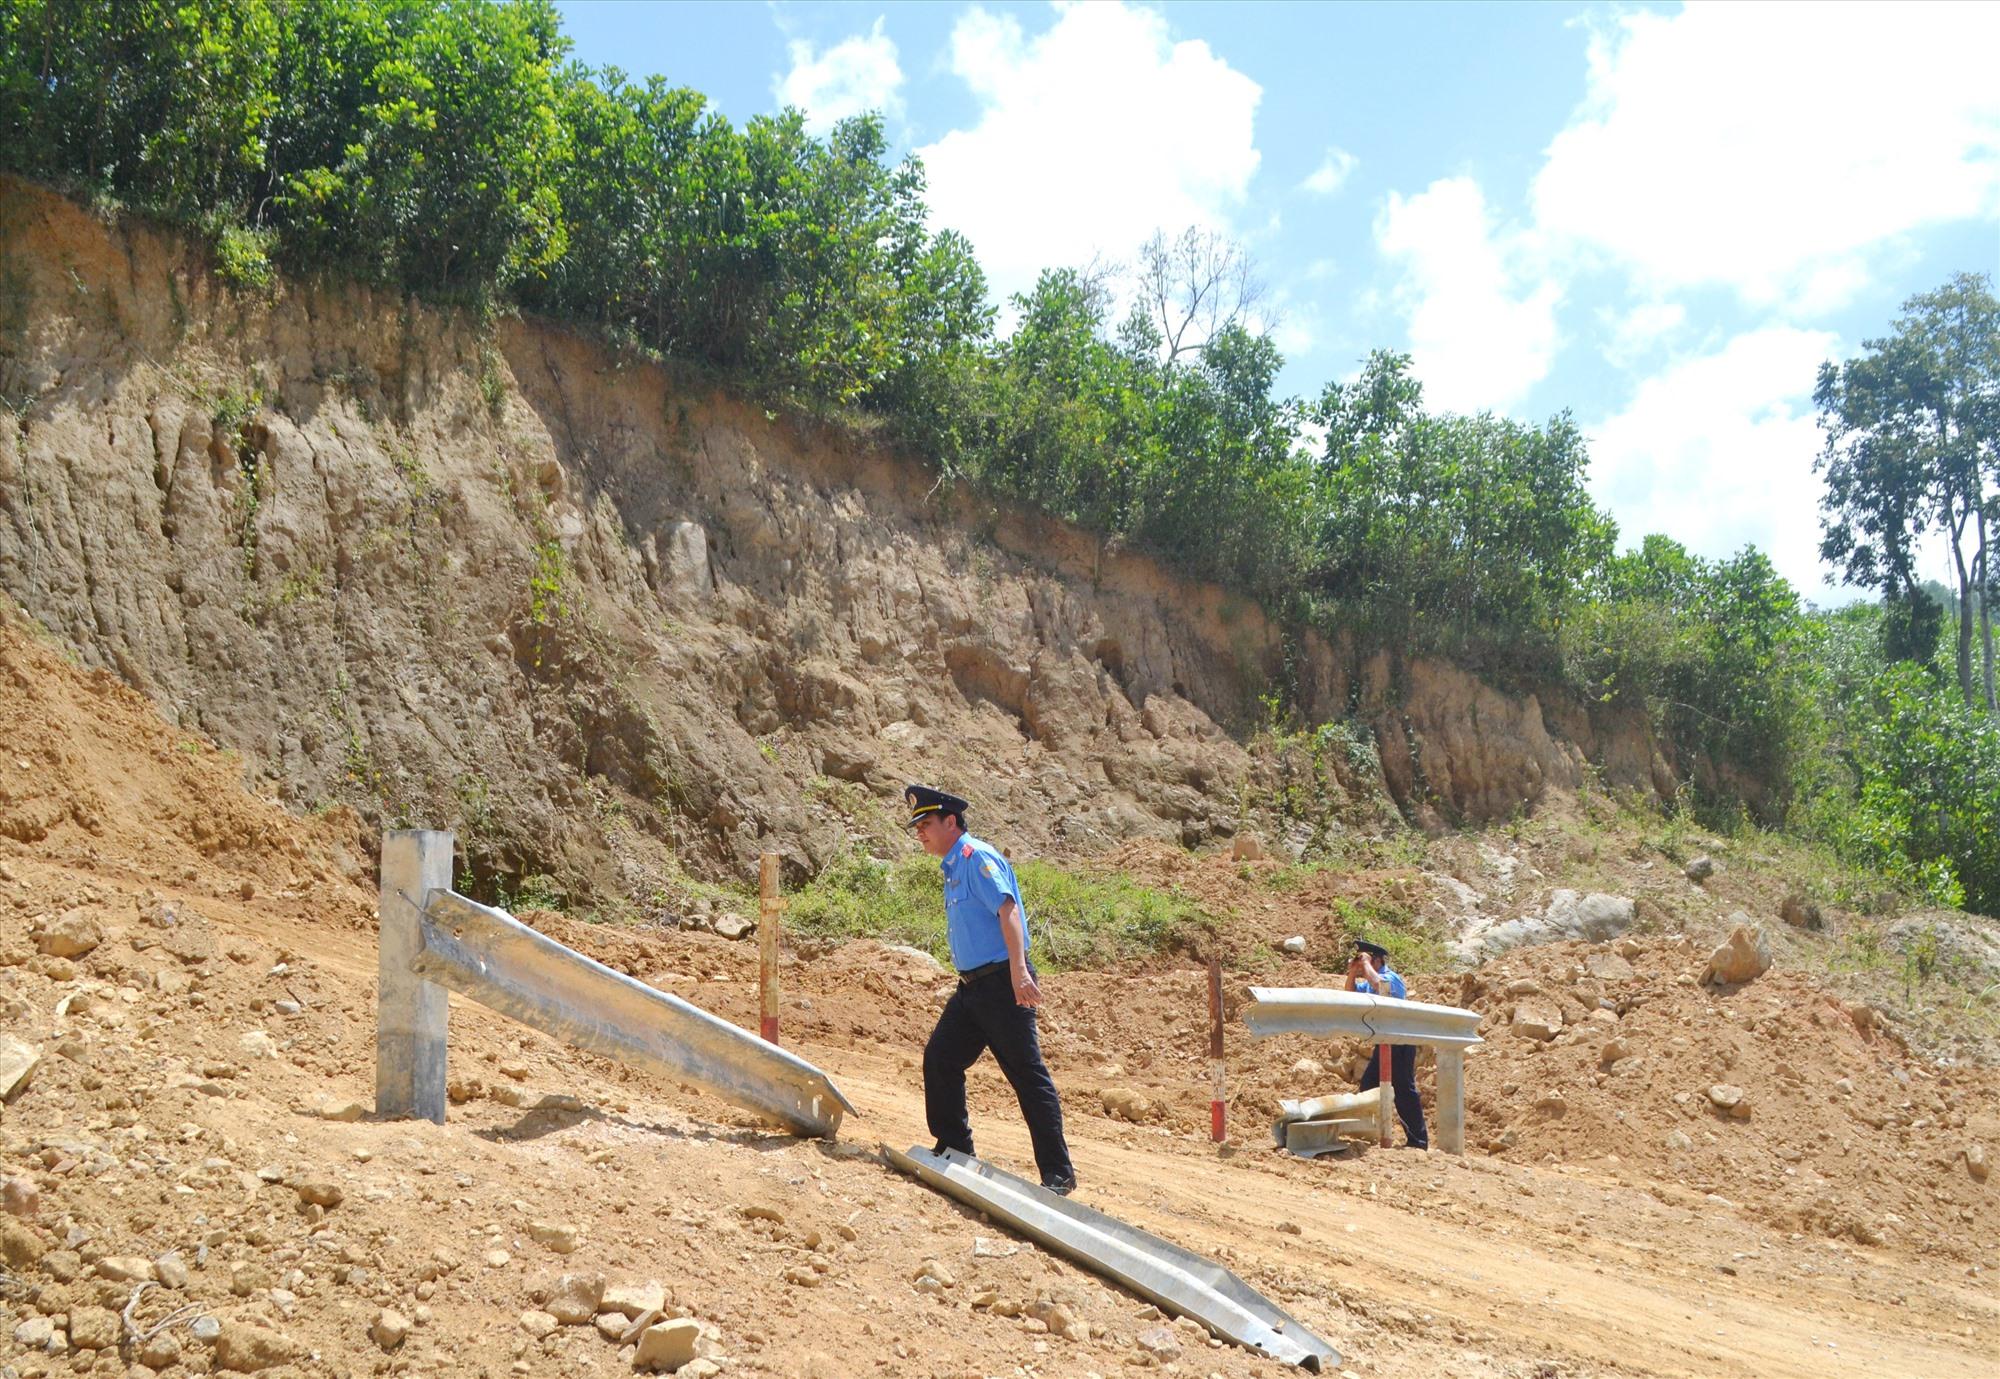 Rào chắn tại điểm vi phạm hành lang an toàn đường bộ trên tuyến quốc lộ 14B qua thôn 1 xã Trà Don (Nam Trà My) bị tháo dỡ. Ảnh: C.Tú